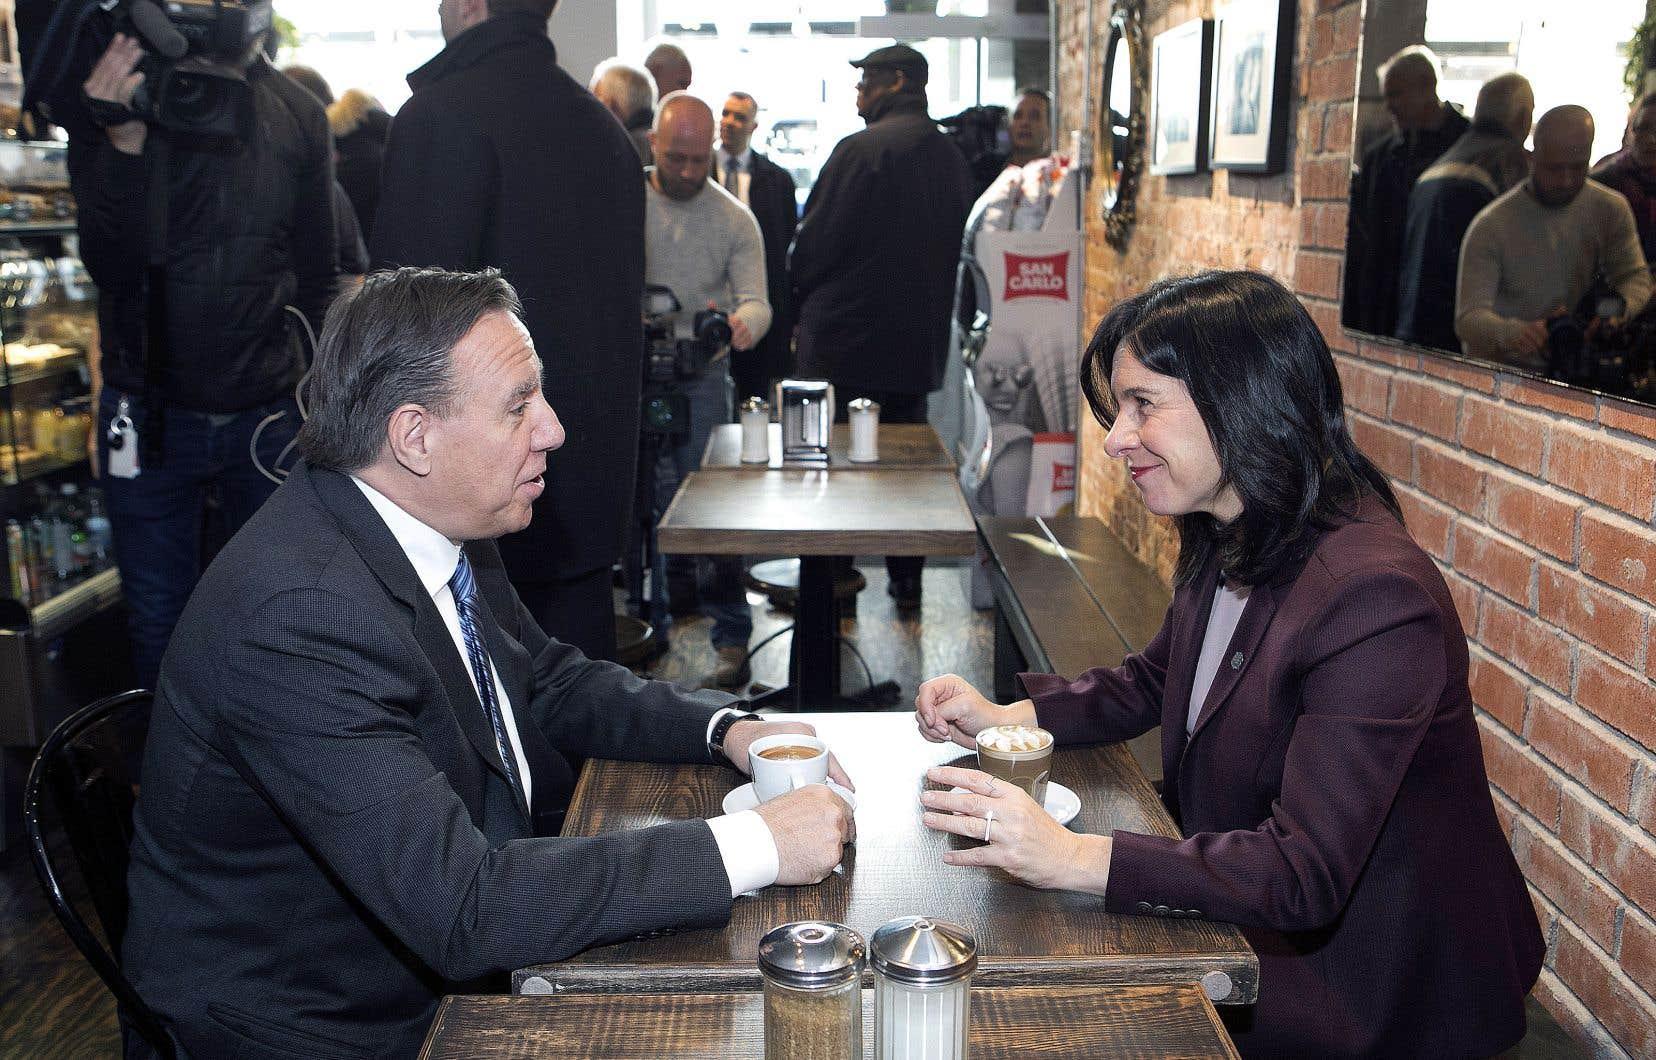 Valérie Plante et François Legault photographiés dans un restaurant près de l'hôtel de ville